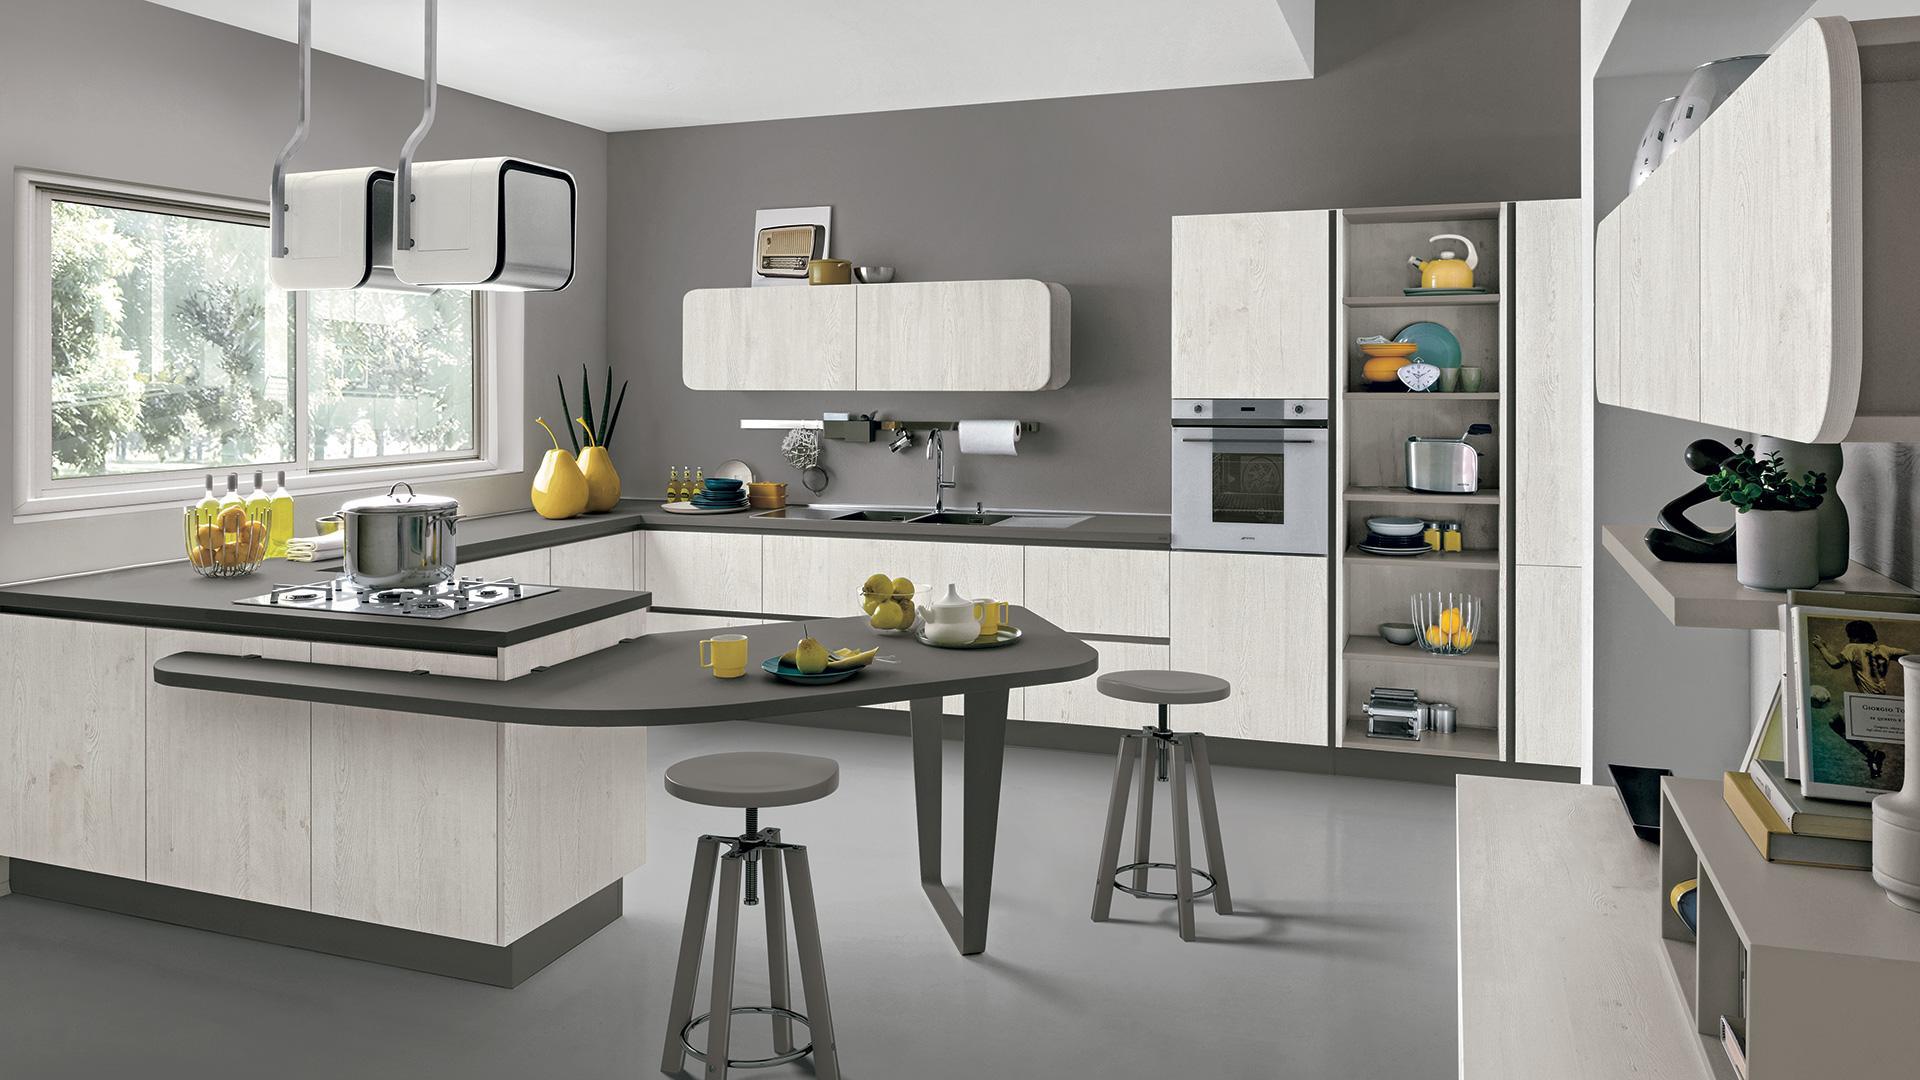 Cucine moderne arredare in uzzano soluzioni arredamento